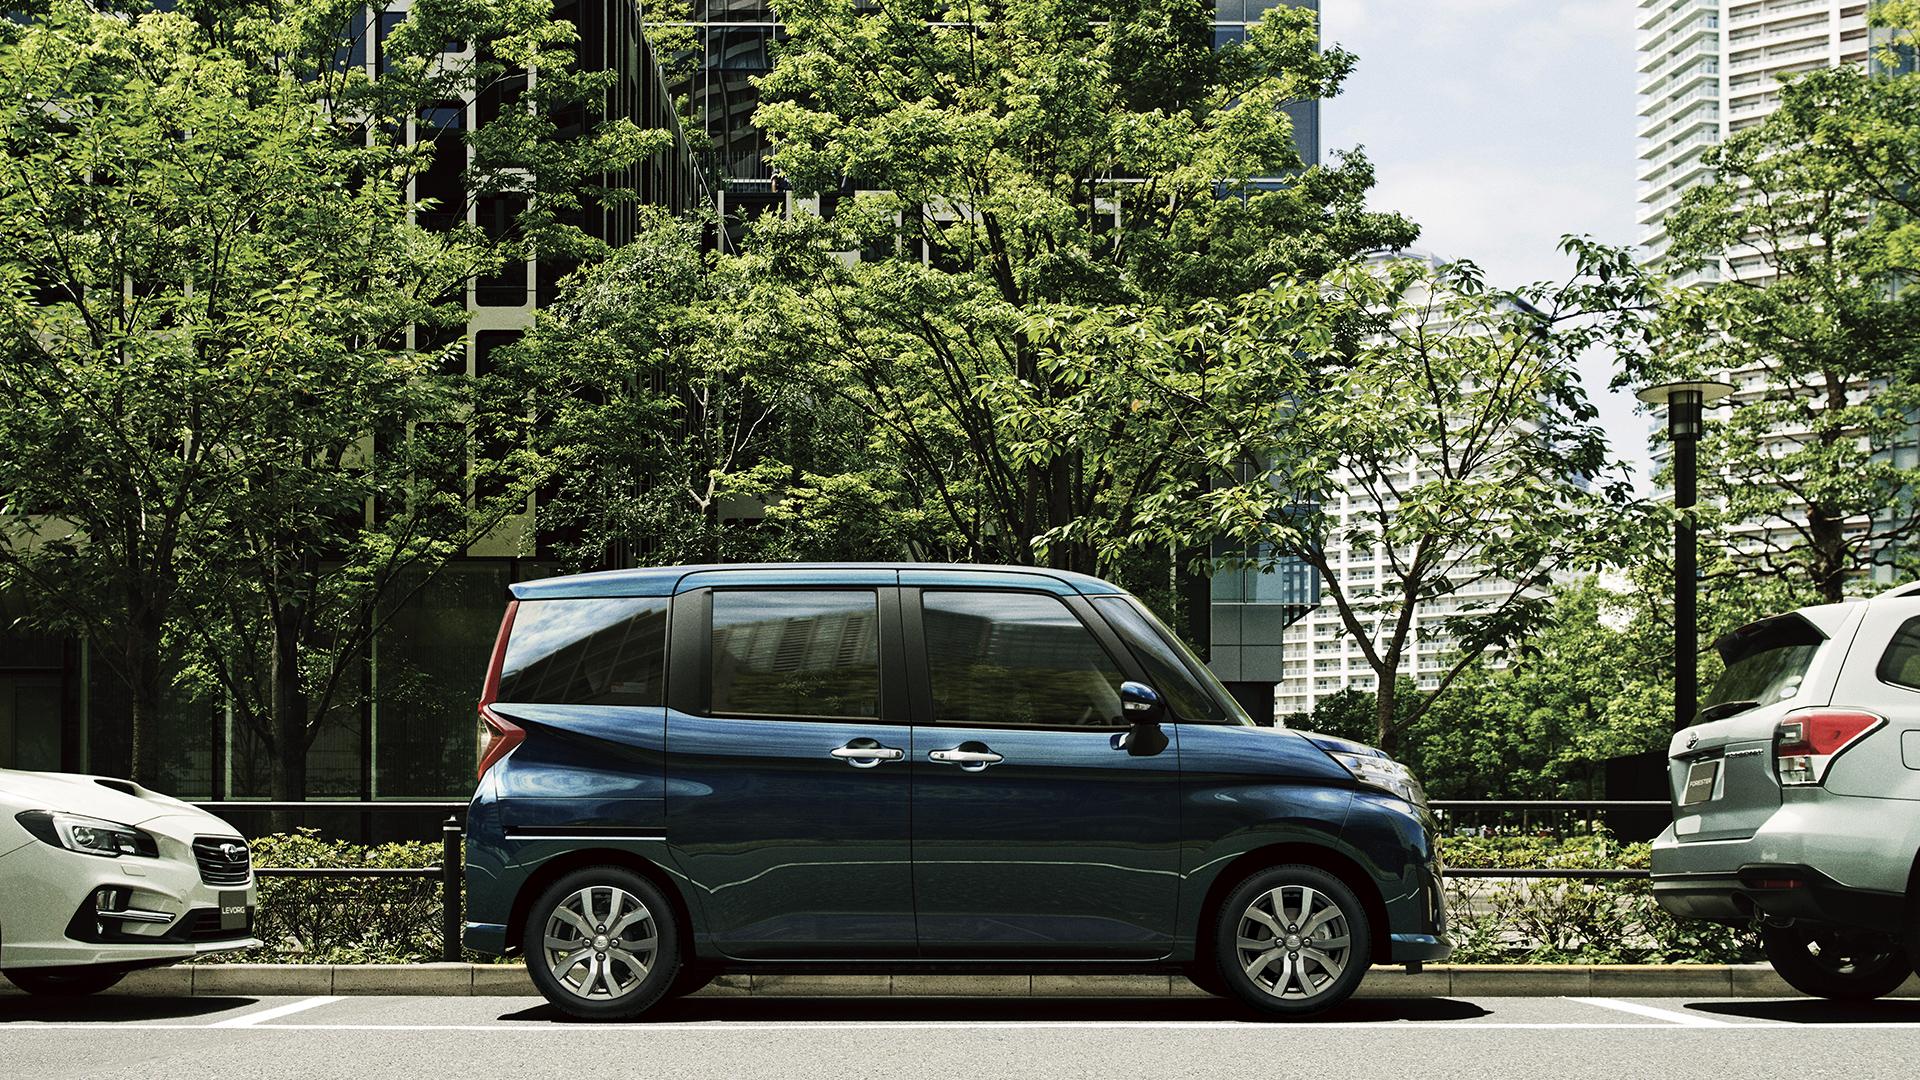 PHOTO:GS スマートアシスト(2WD) レーザーブルークリスタルシャイン(33,000円高・消費税10%込) 写真はイメージです。